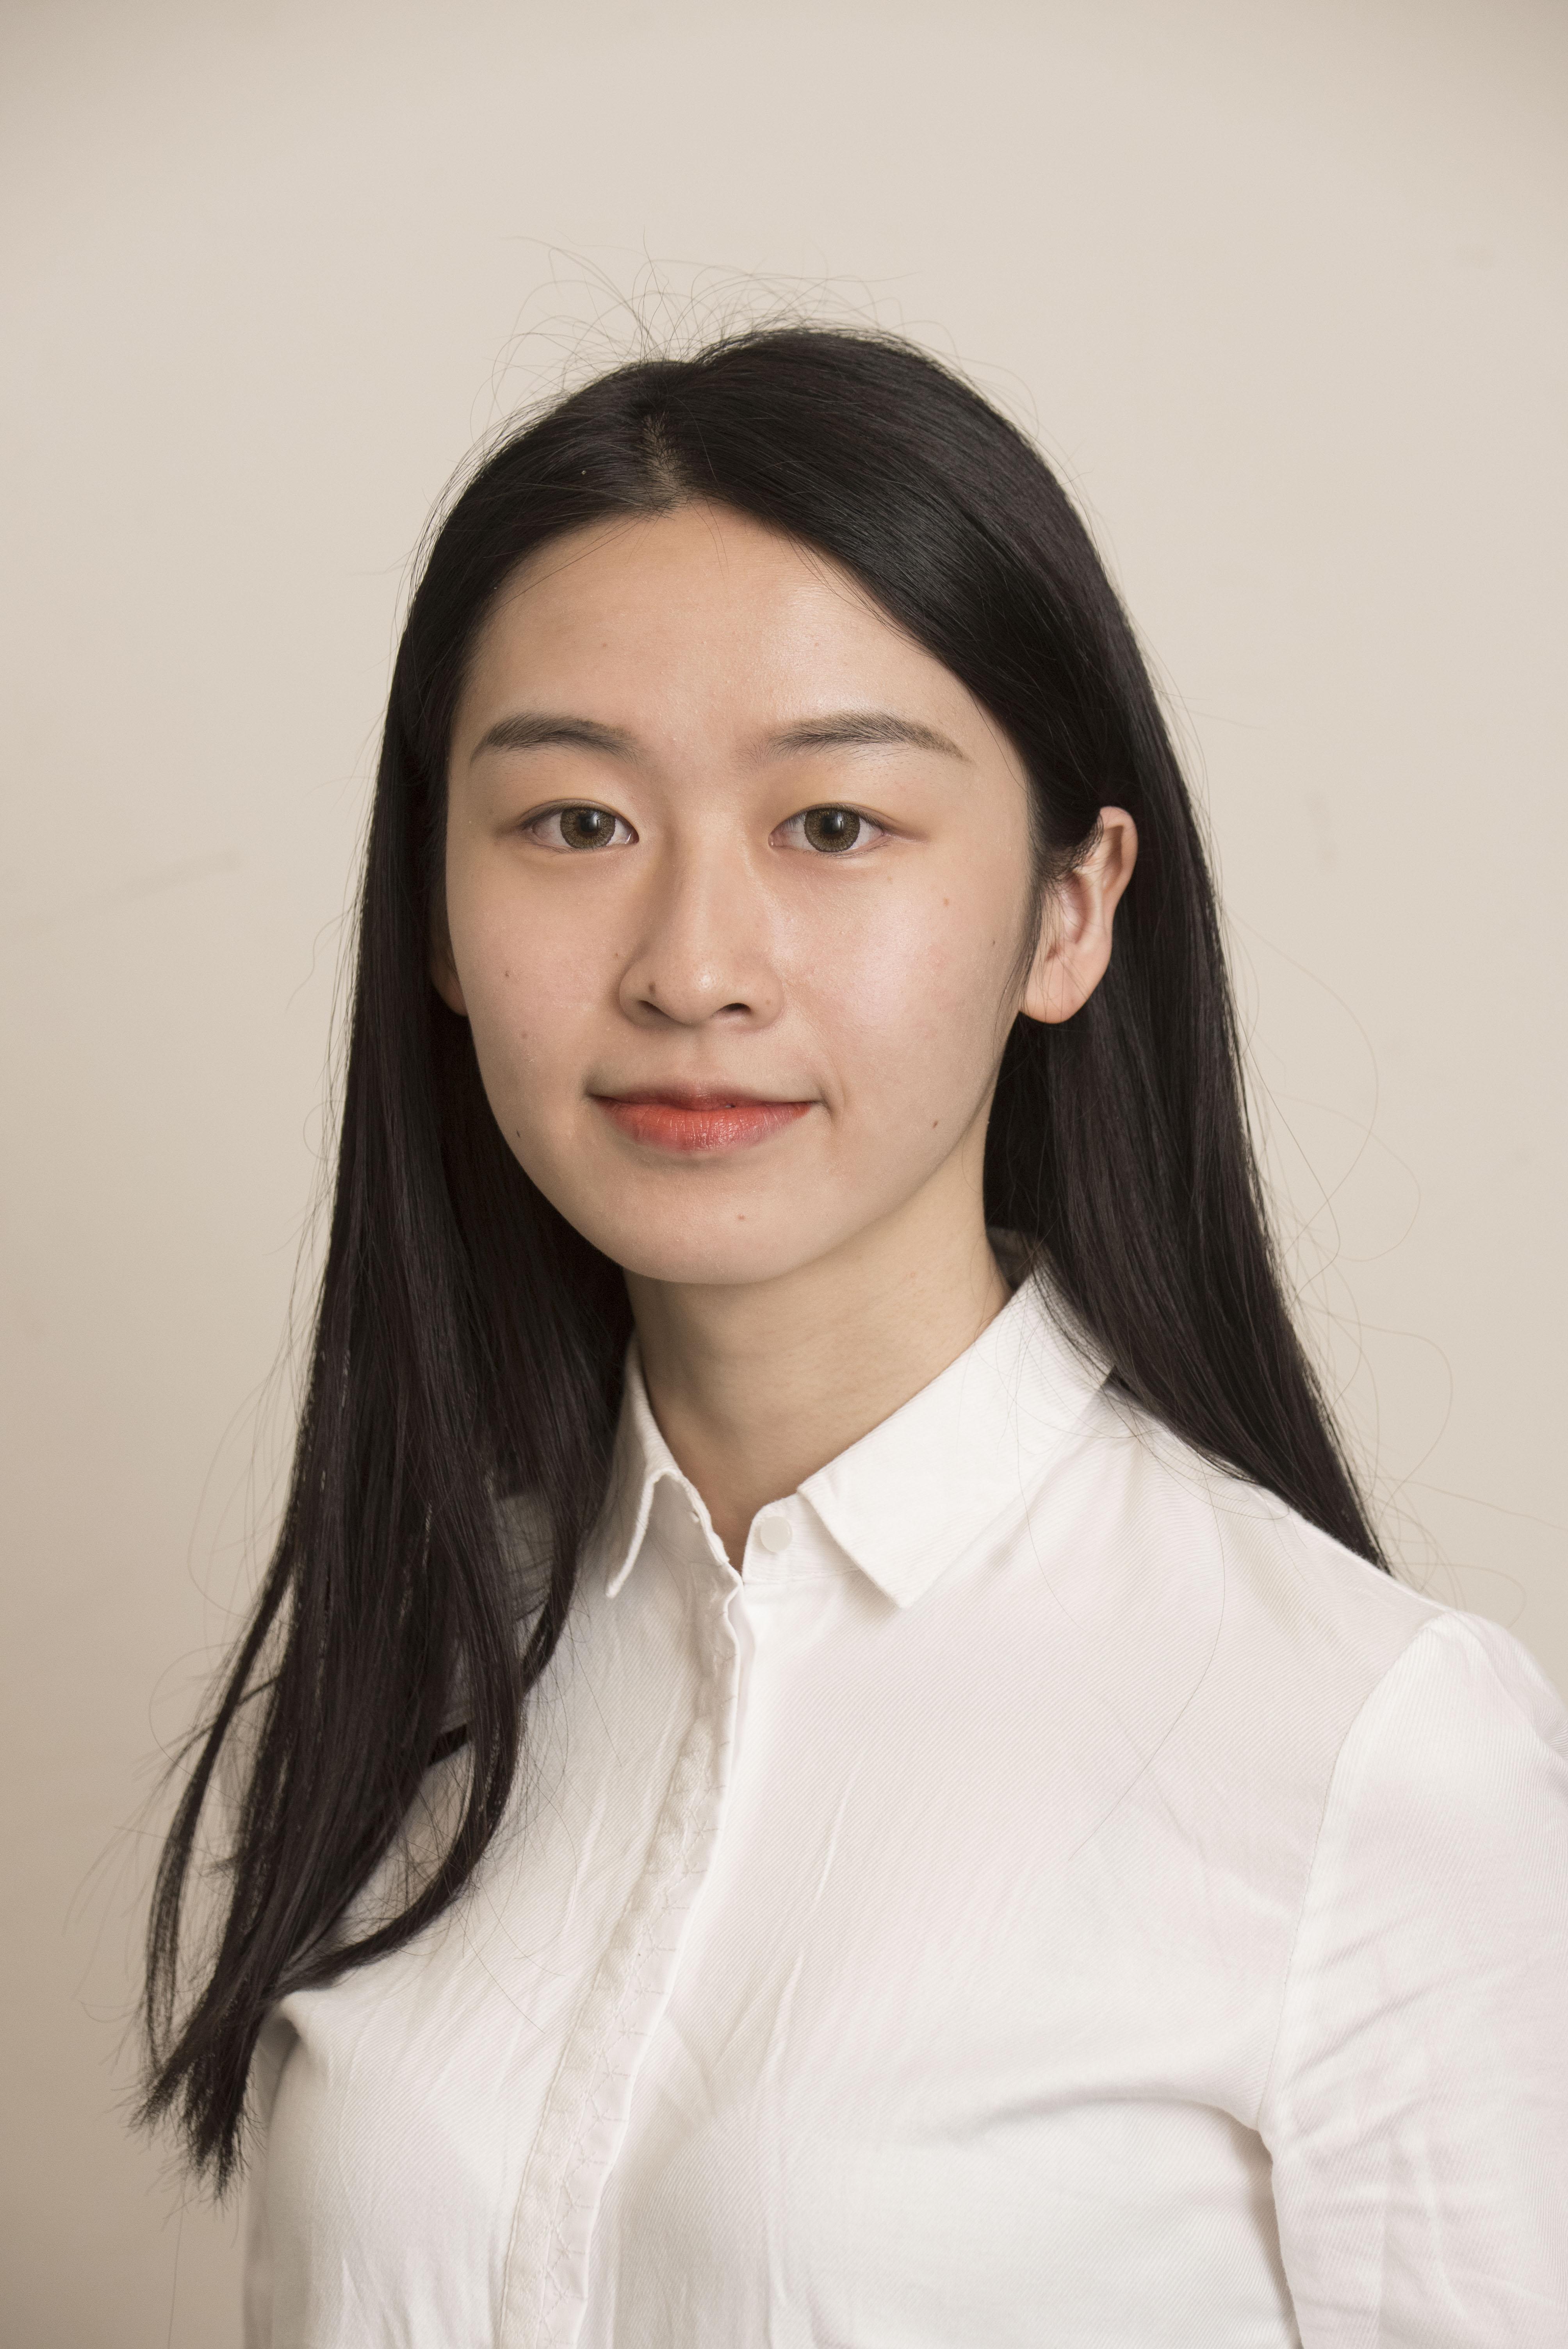 Headshot of Yixuan Tang